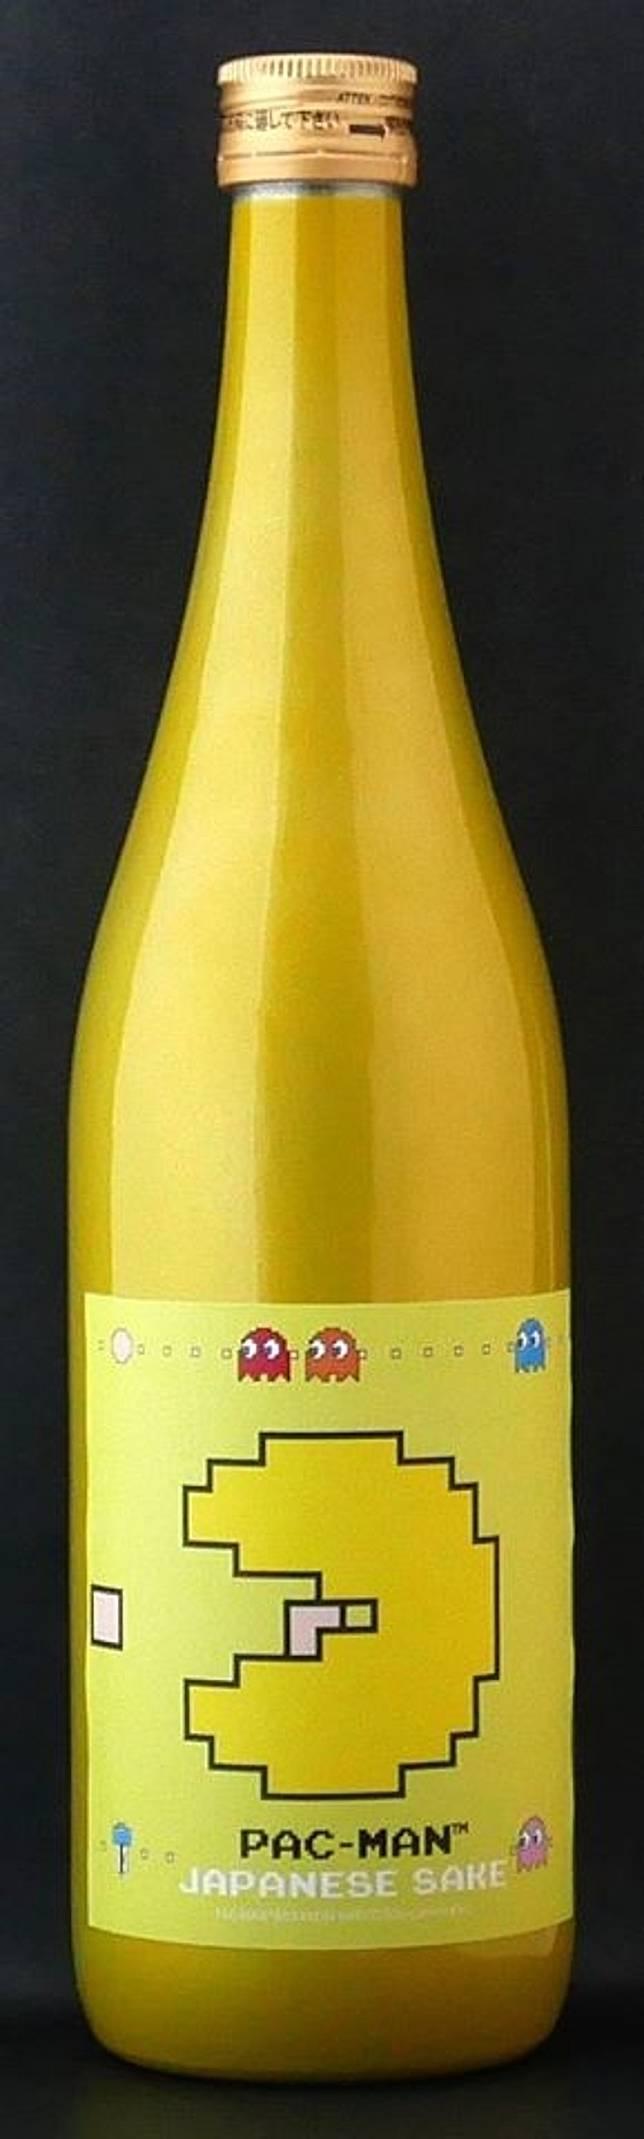 以金屬瓶盛載清酒,用上與汽車一樣的技術進行金屬塗裝,色彩亮麗。(互聯網)